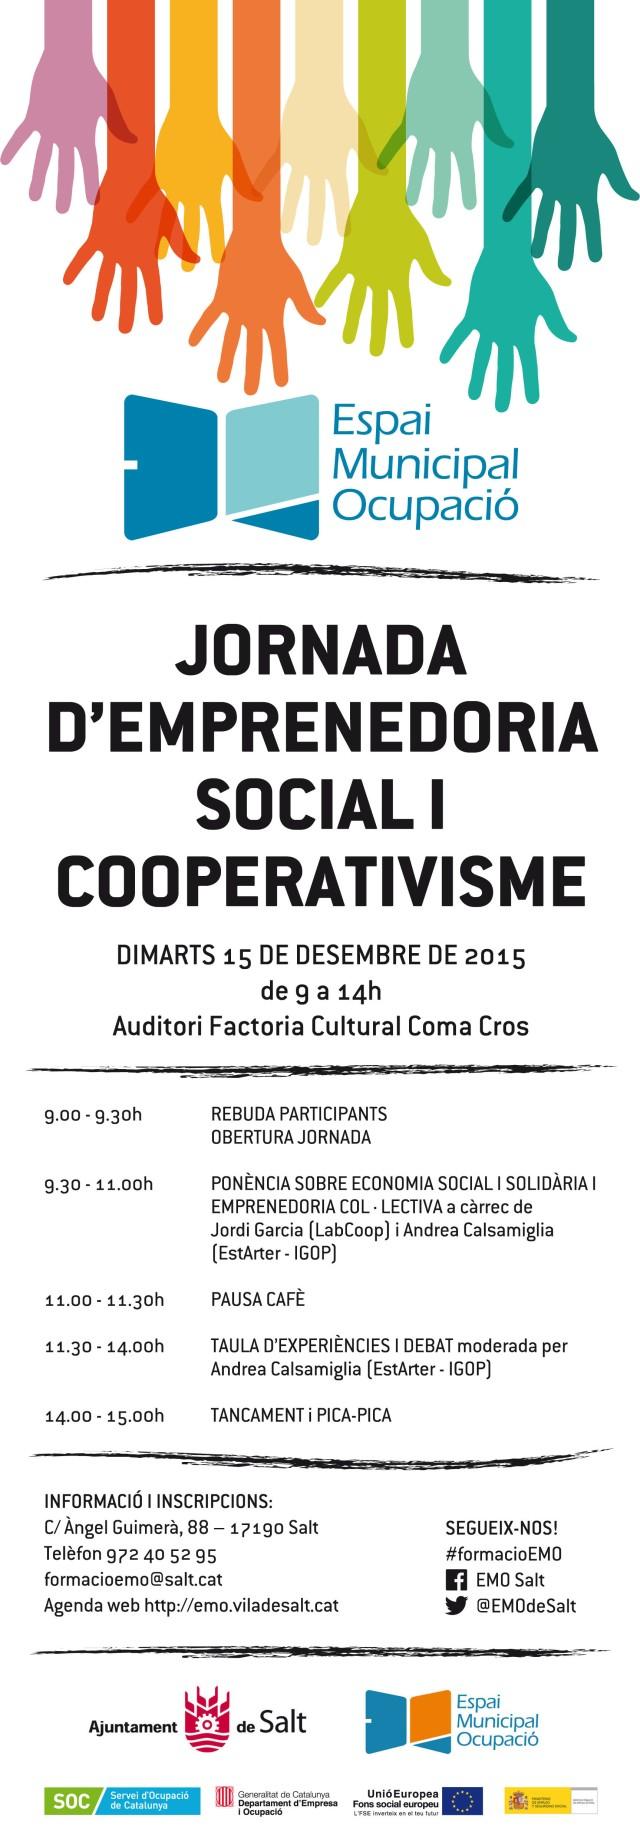 EMO Programa Jornada d'Emprenedoria Social i Cooperativisme